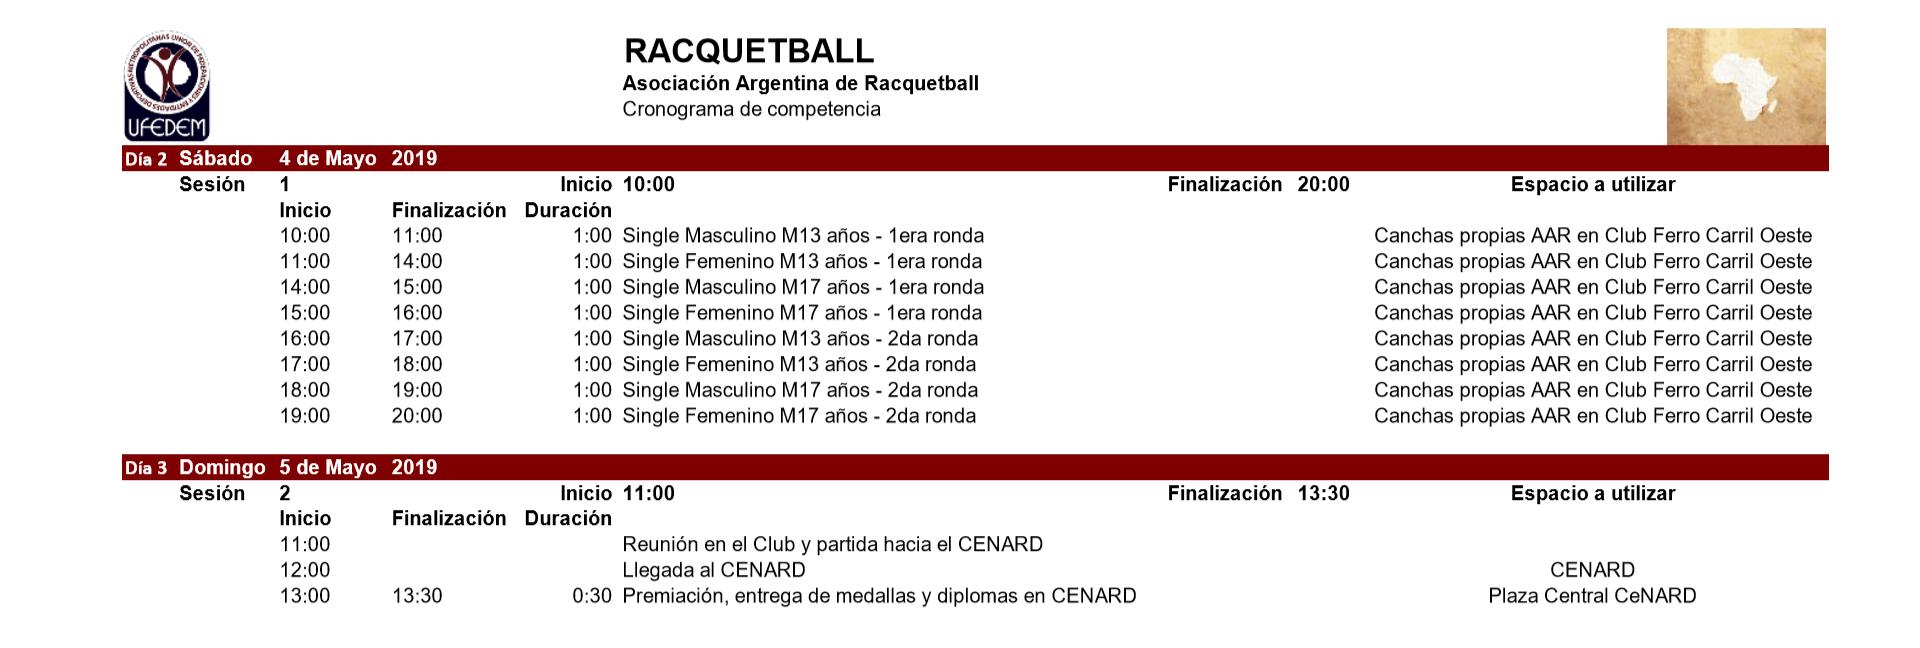 Racquetball 2.1 - Cronograma